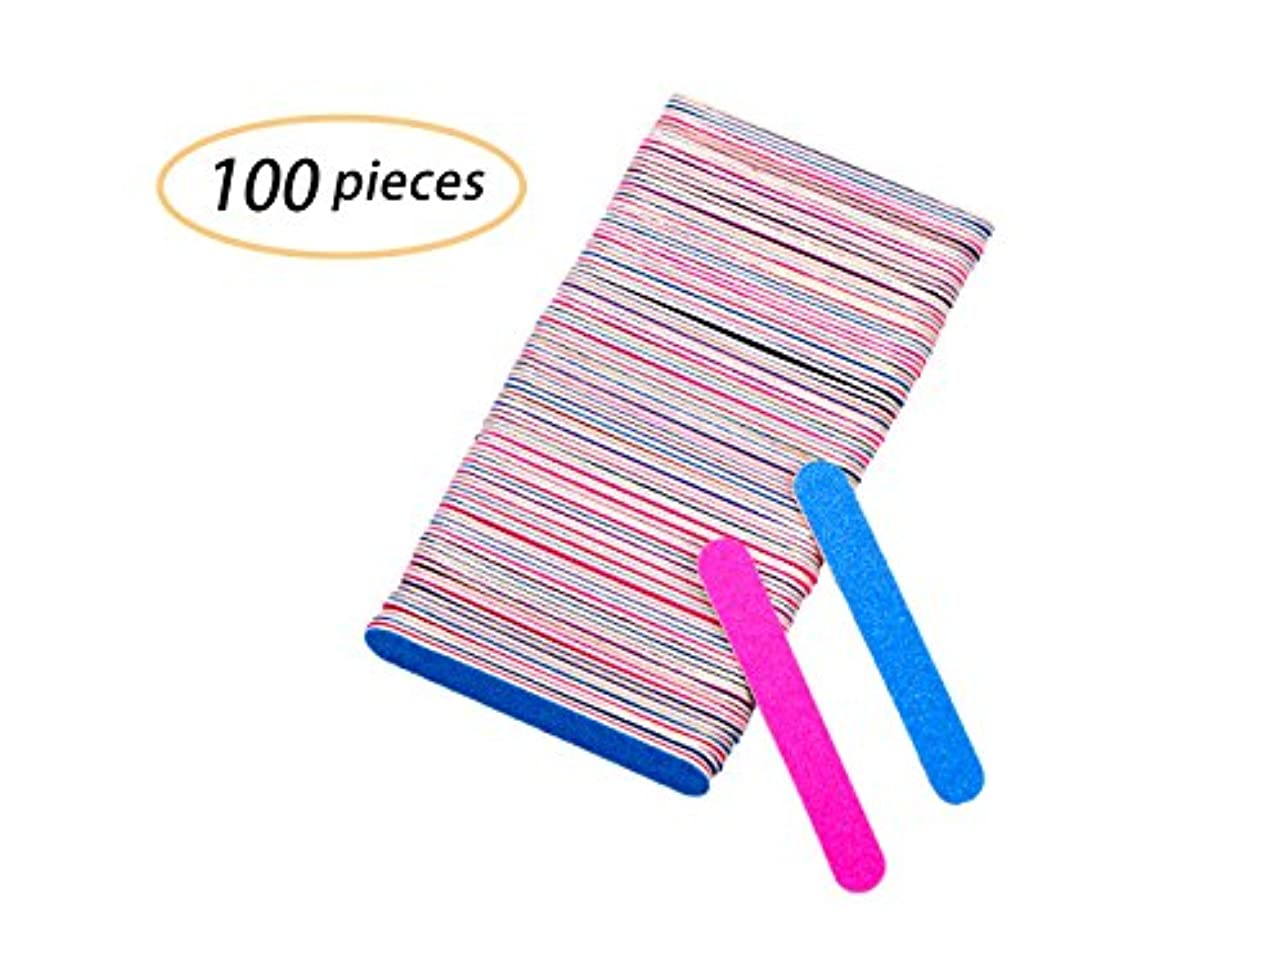 さびた領収書レジデンスYolito 100pcs ネイルファイル エメリーボード 爪やすり使い捨て 爪磨き両面 ジェルネイル/自爪(180、240グリット)